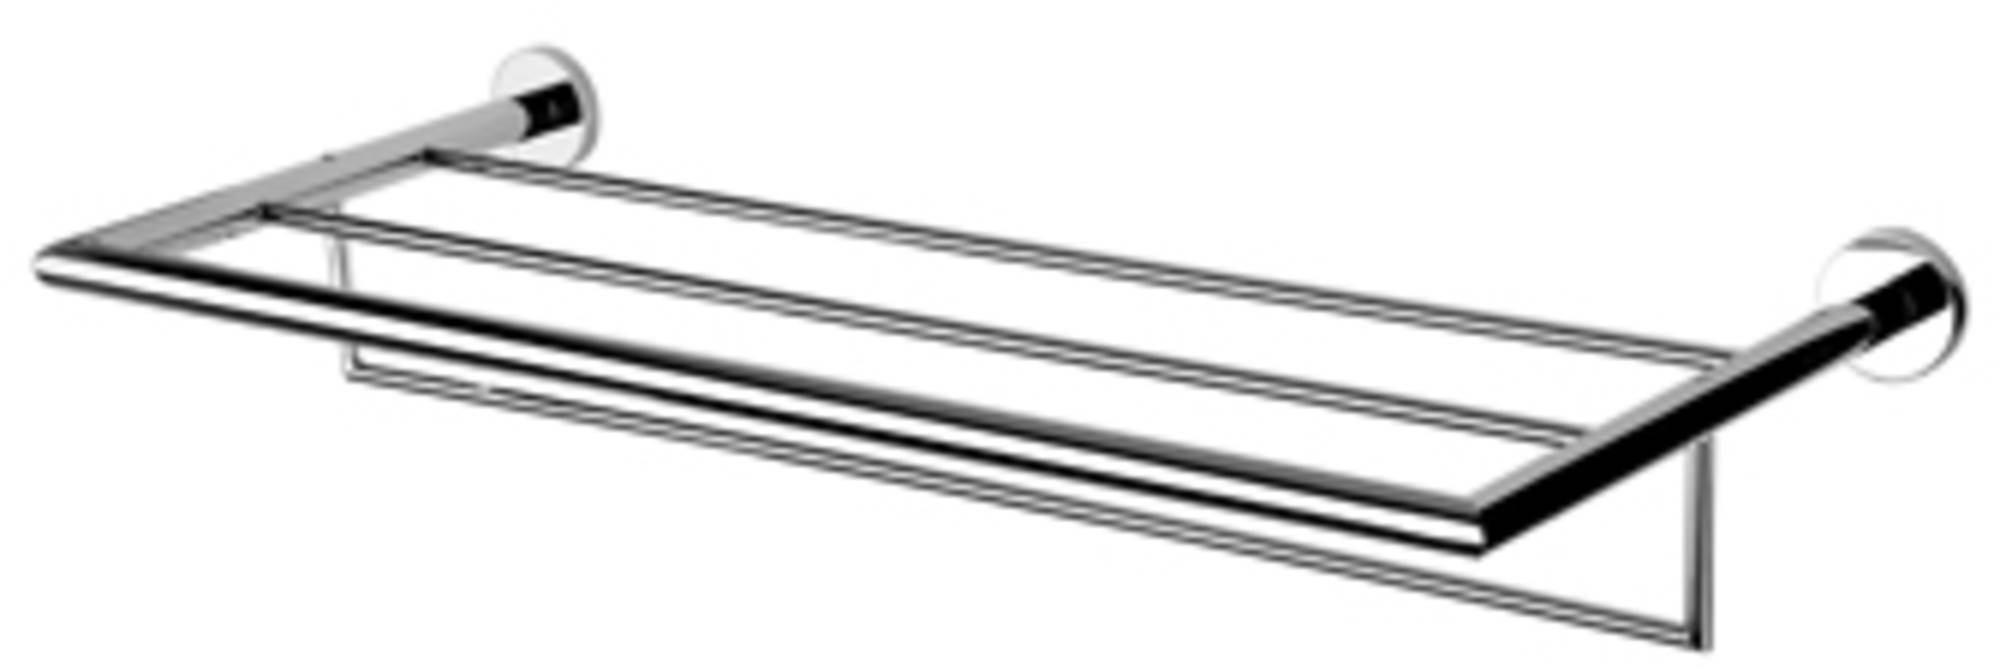 Geesa Nemox badhanddoekrek 60 cm, chroom